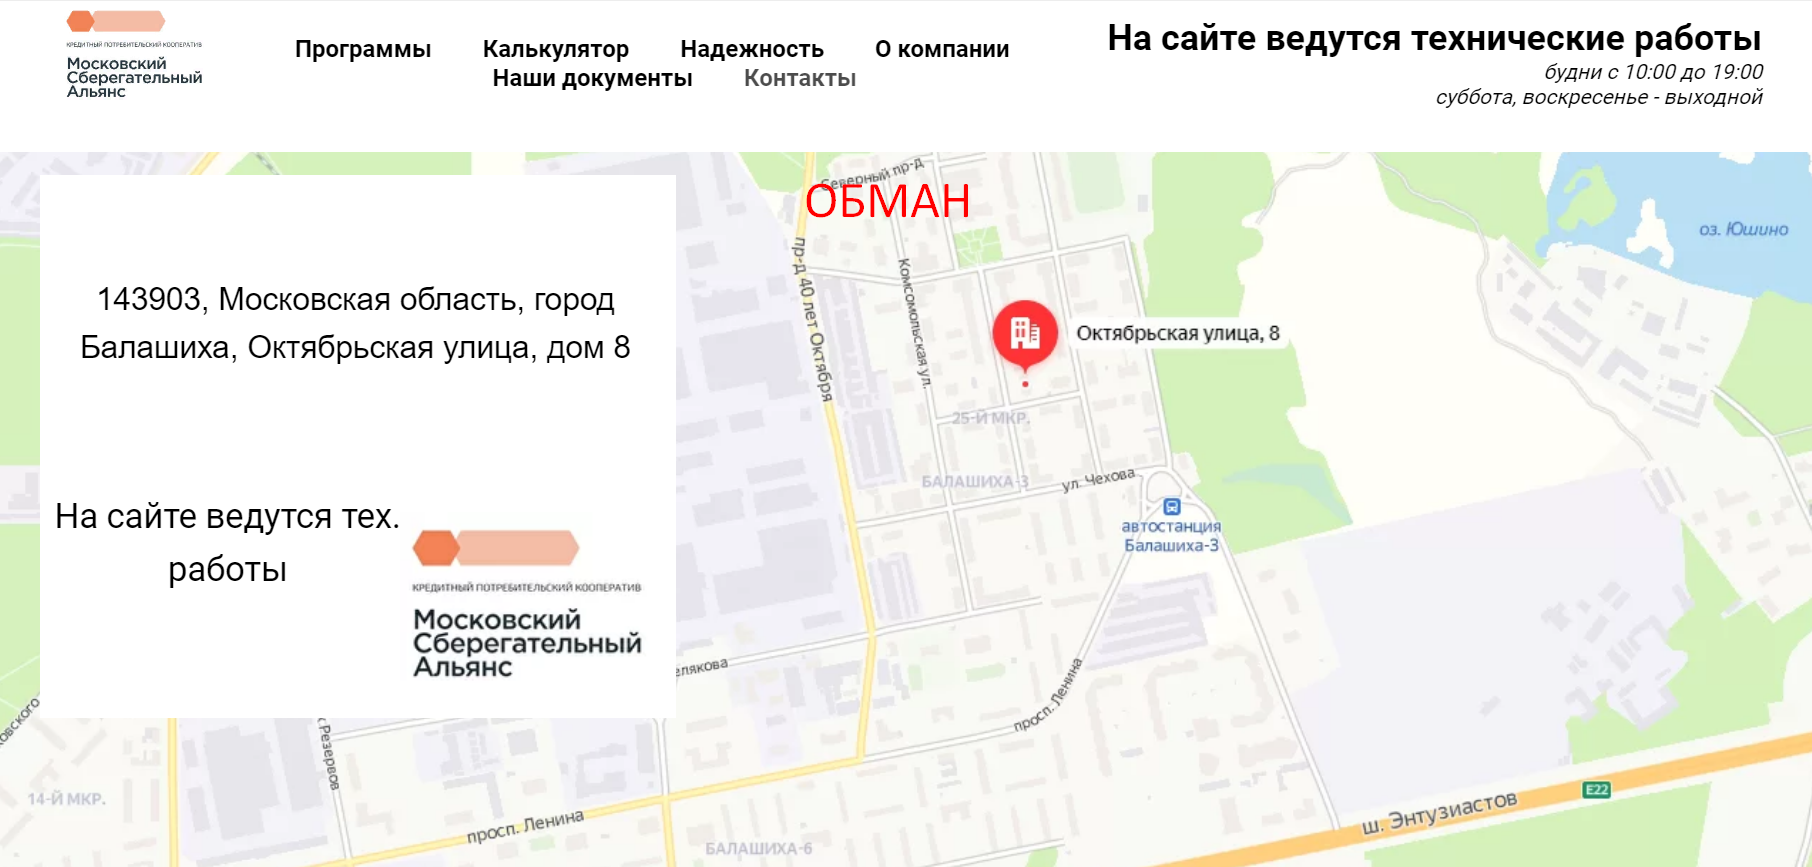 КПК Московский сберегательный альянс  контакты